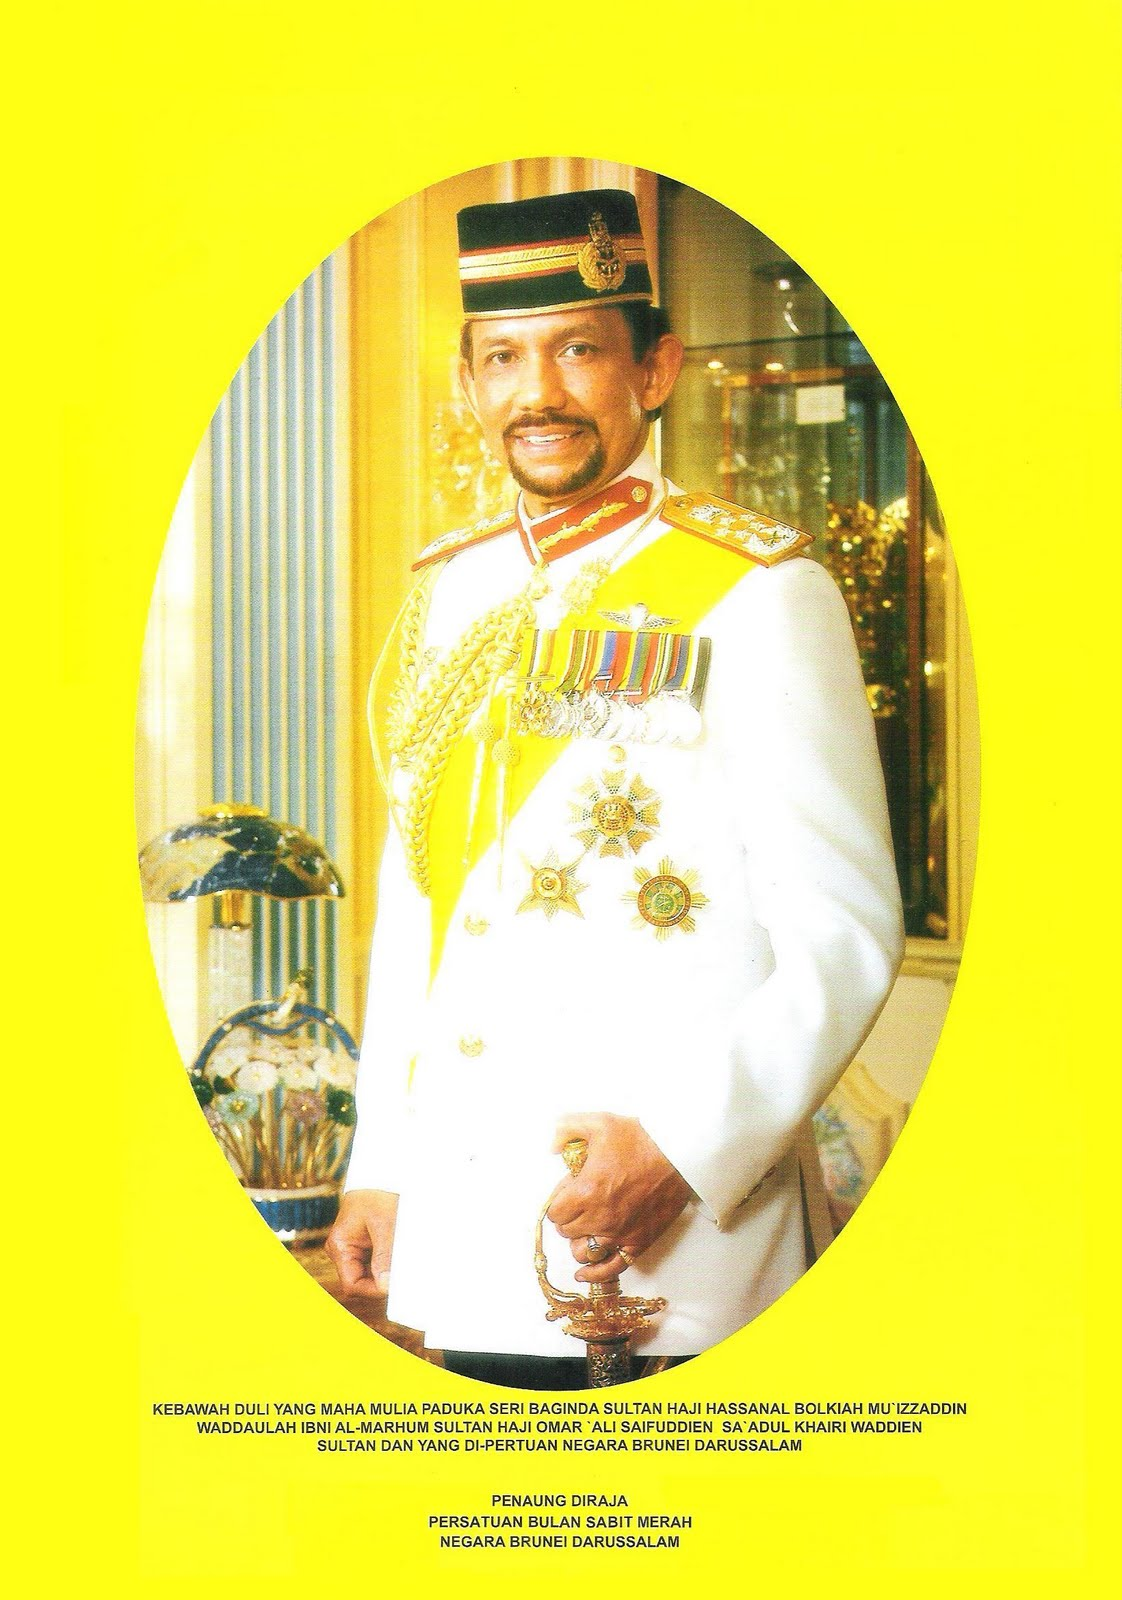 Haji hassanal bolkiah mu izzaddin waddaulah